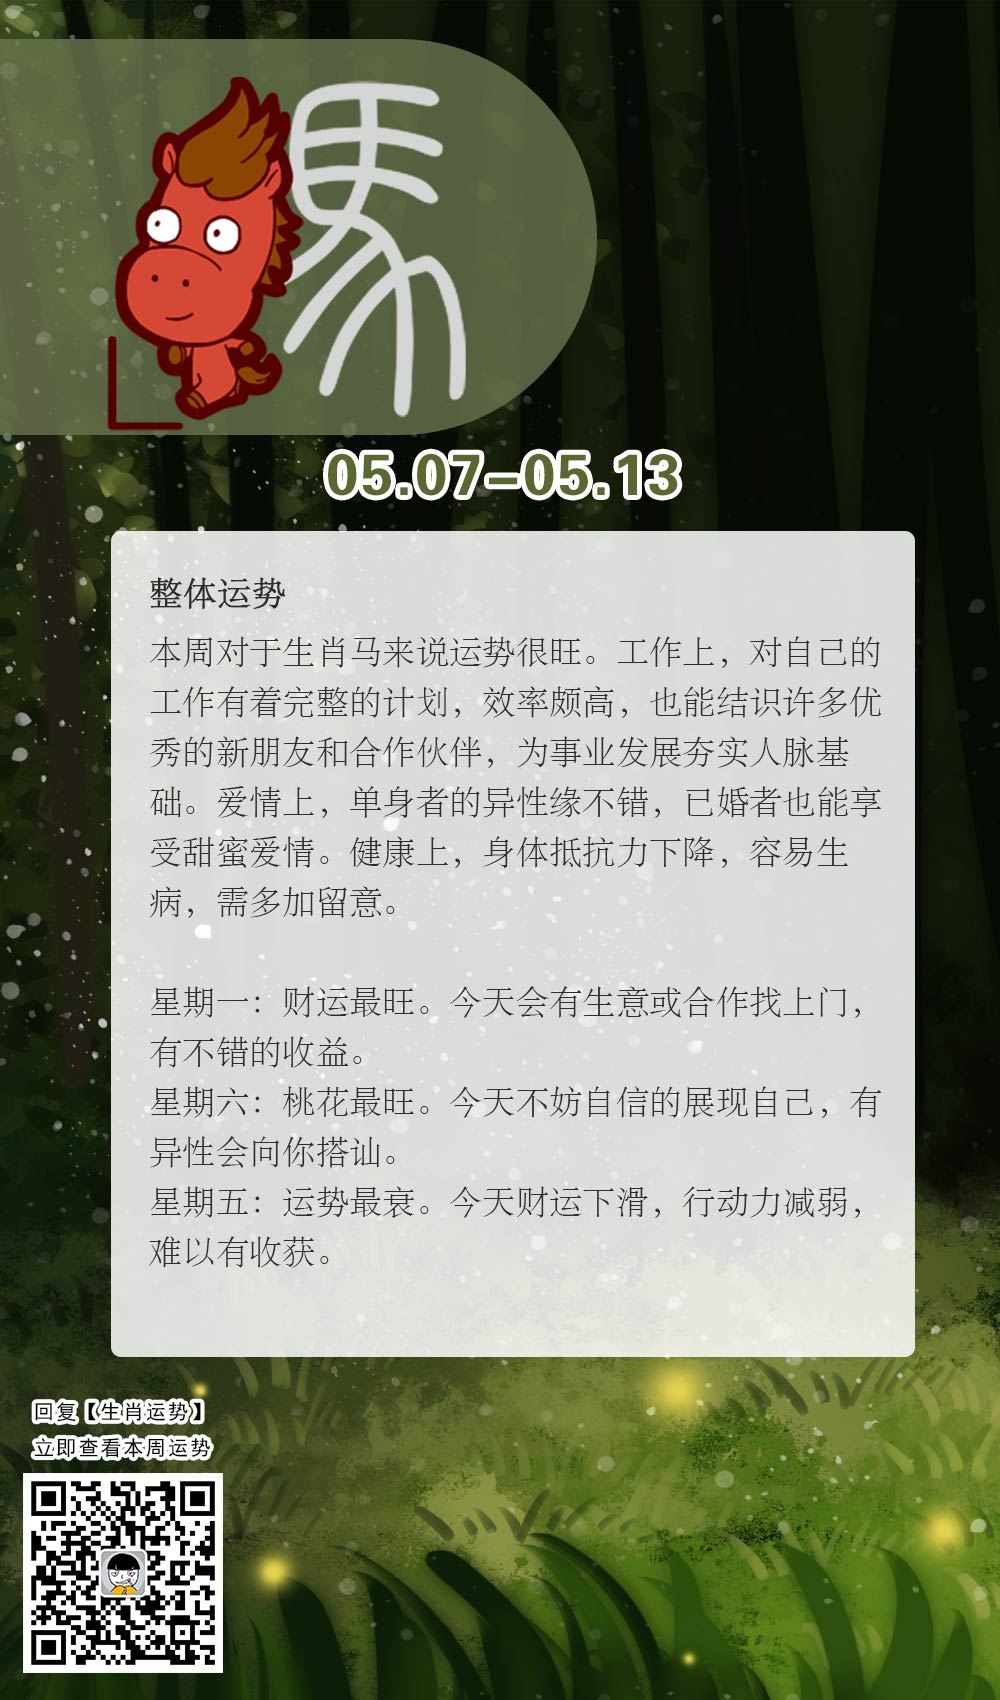 生肖马本周运势【2018.05.07-05.13】